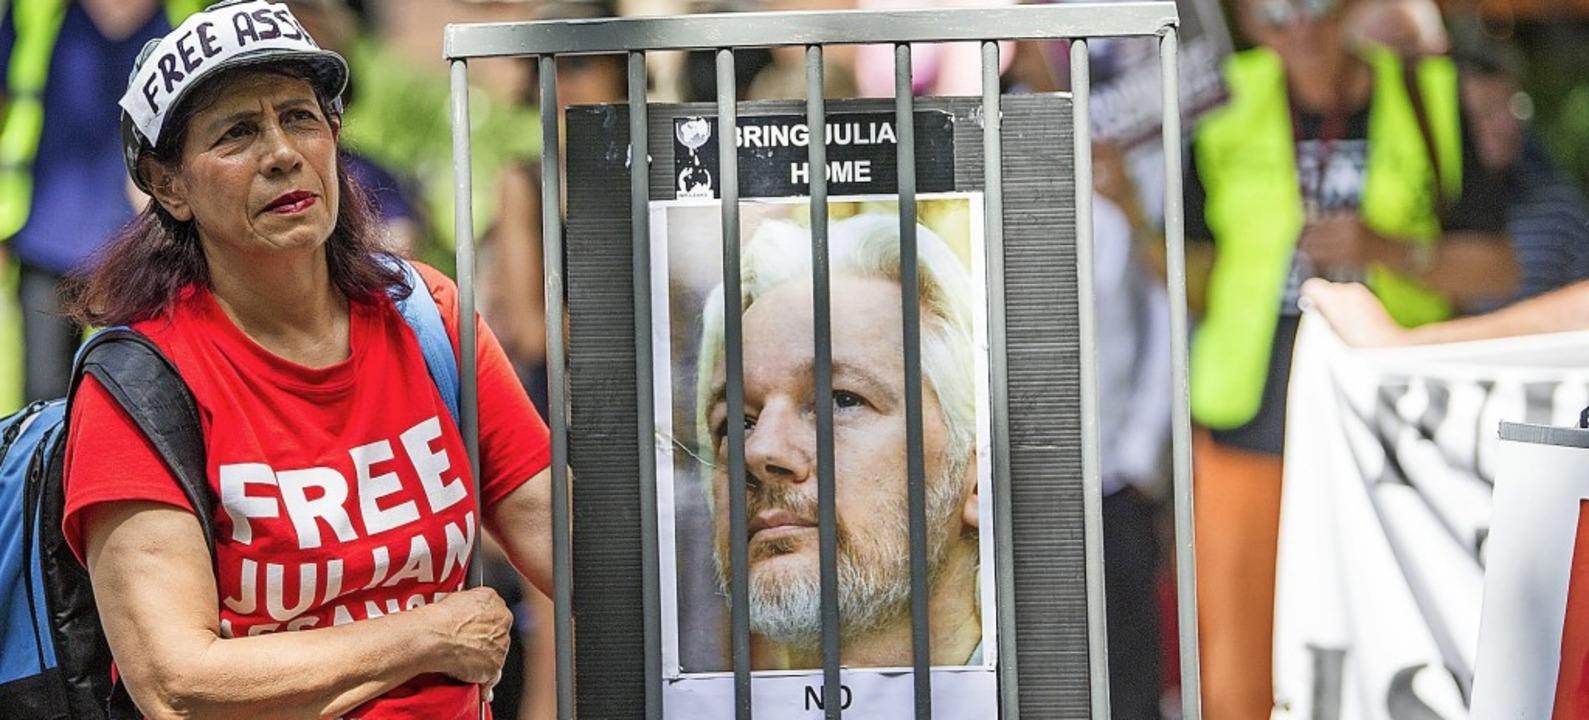 Wie hier in Melbourne forderten am Woc...t Menschen Freiheit für Julian Assange  | Foto: Pj Heller (dpa)